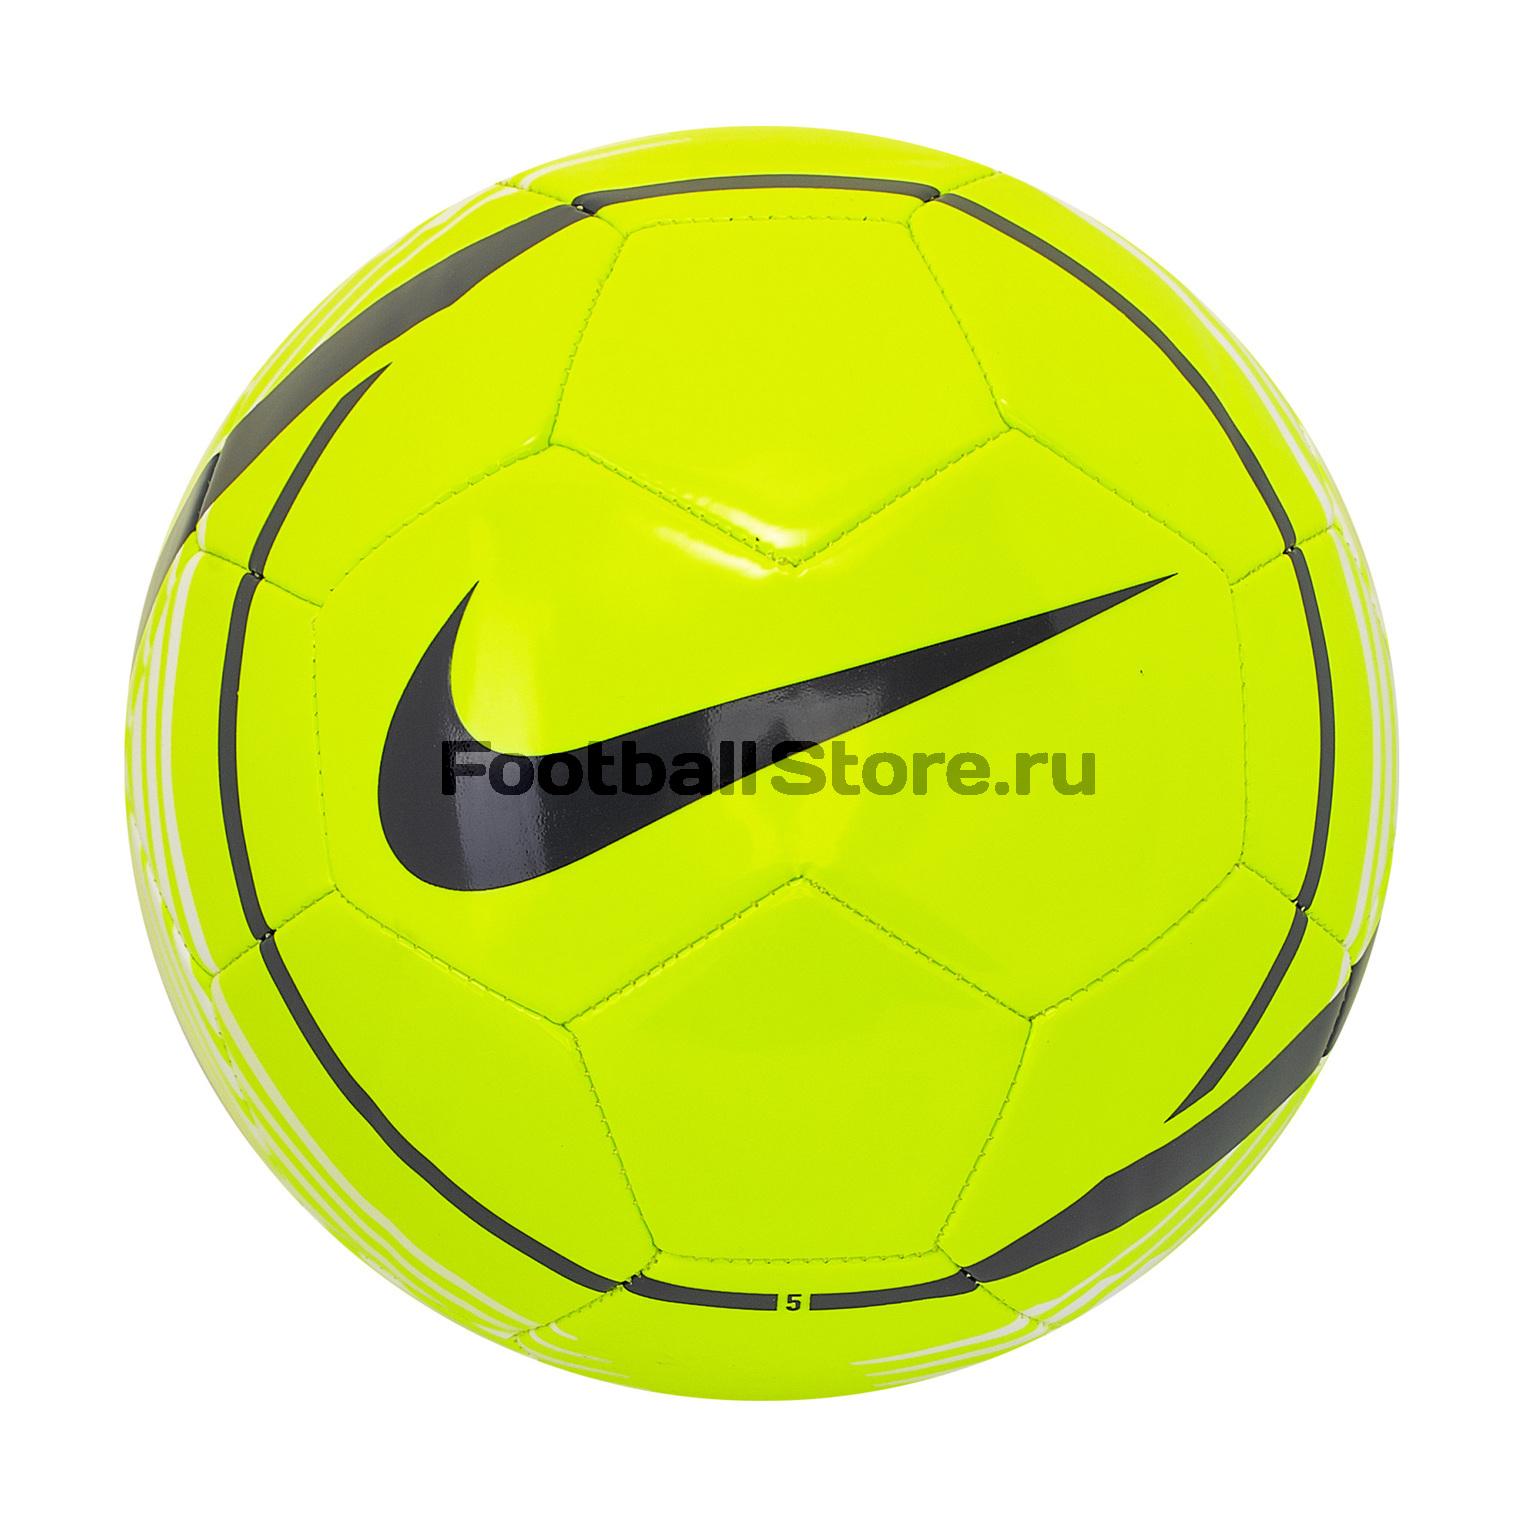 Футбольный мяч Nike Phantom Venom SC3933-702